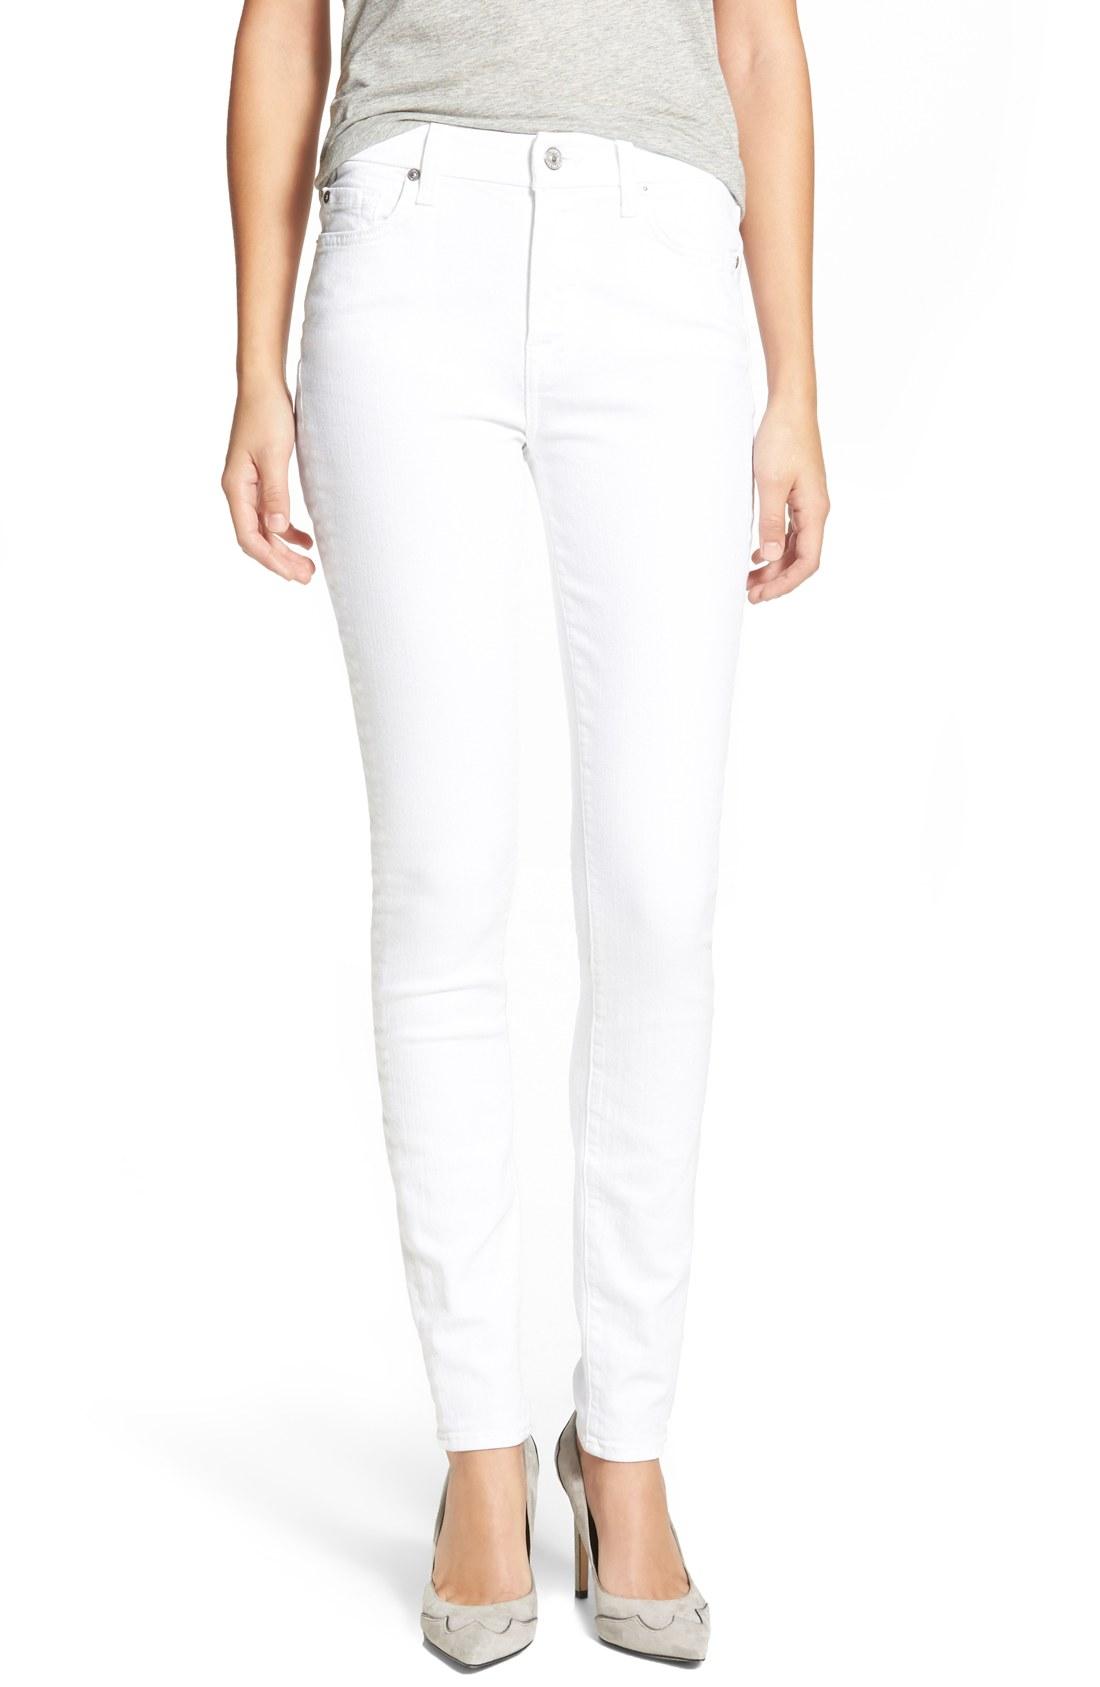 white skinny jeans 7 for all mankind® u0027the skinnyu0027 skinny jeans (clean white) uehtawu